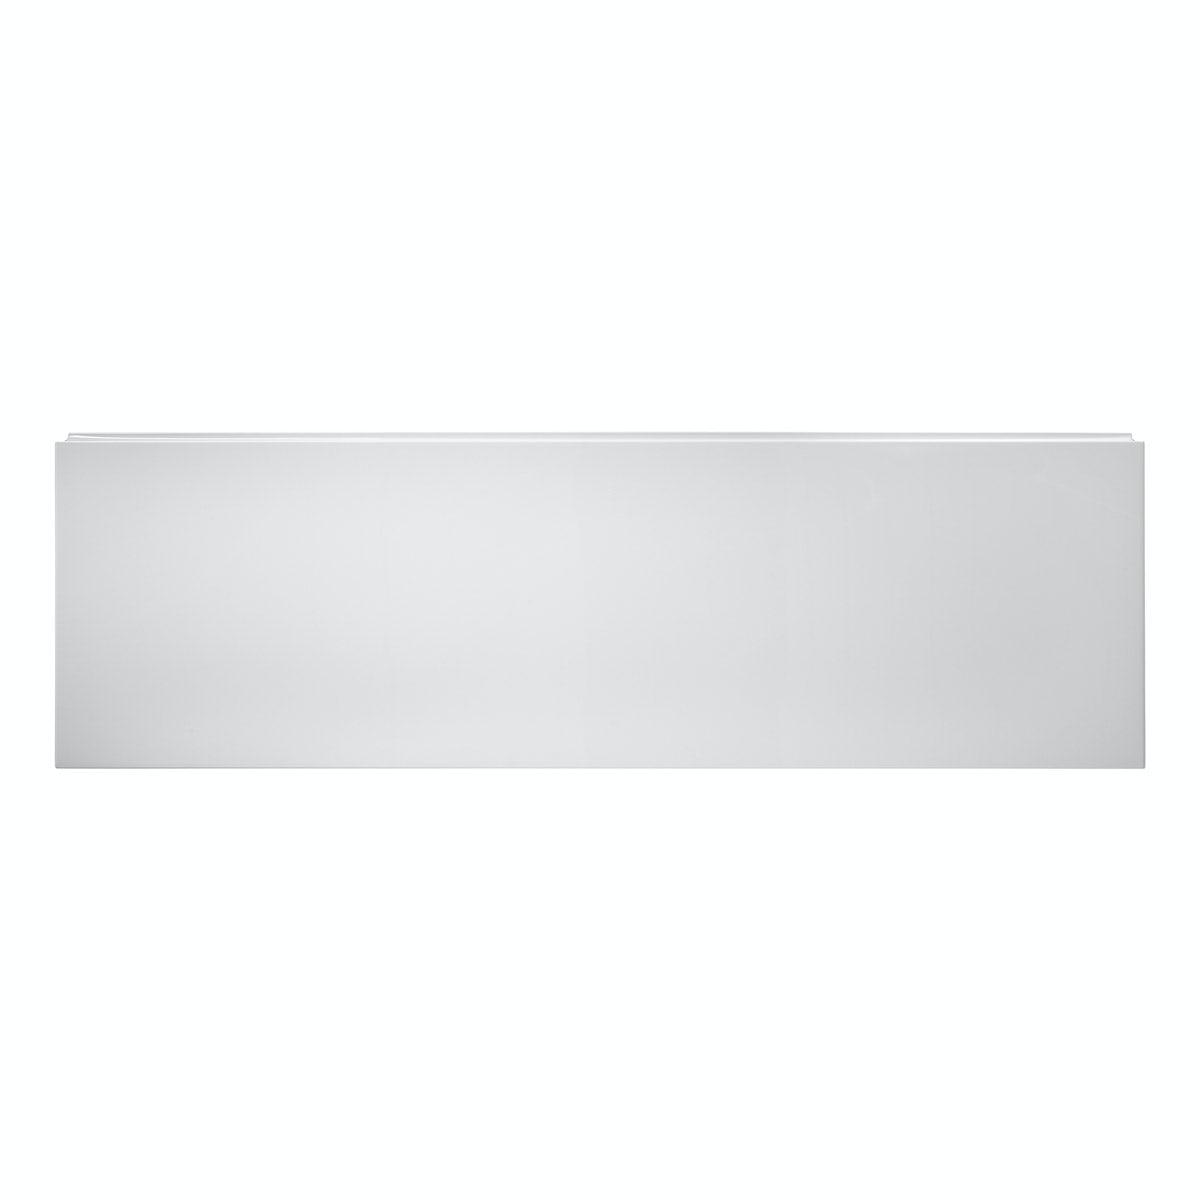 Ideal Standard Unilux Plus+ front bath panel 1700mm